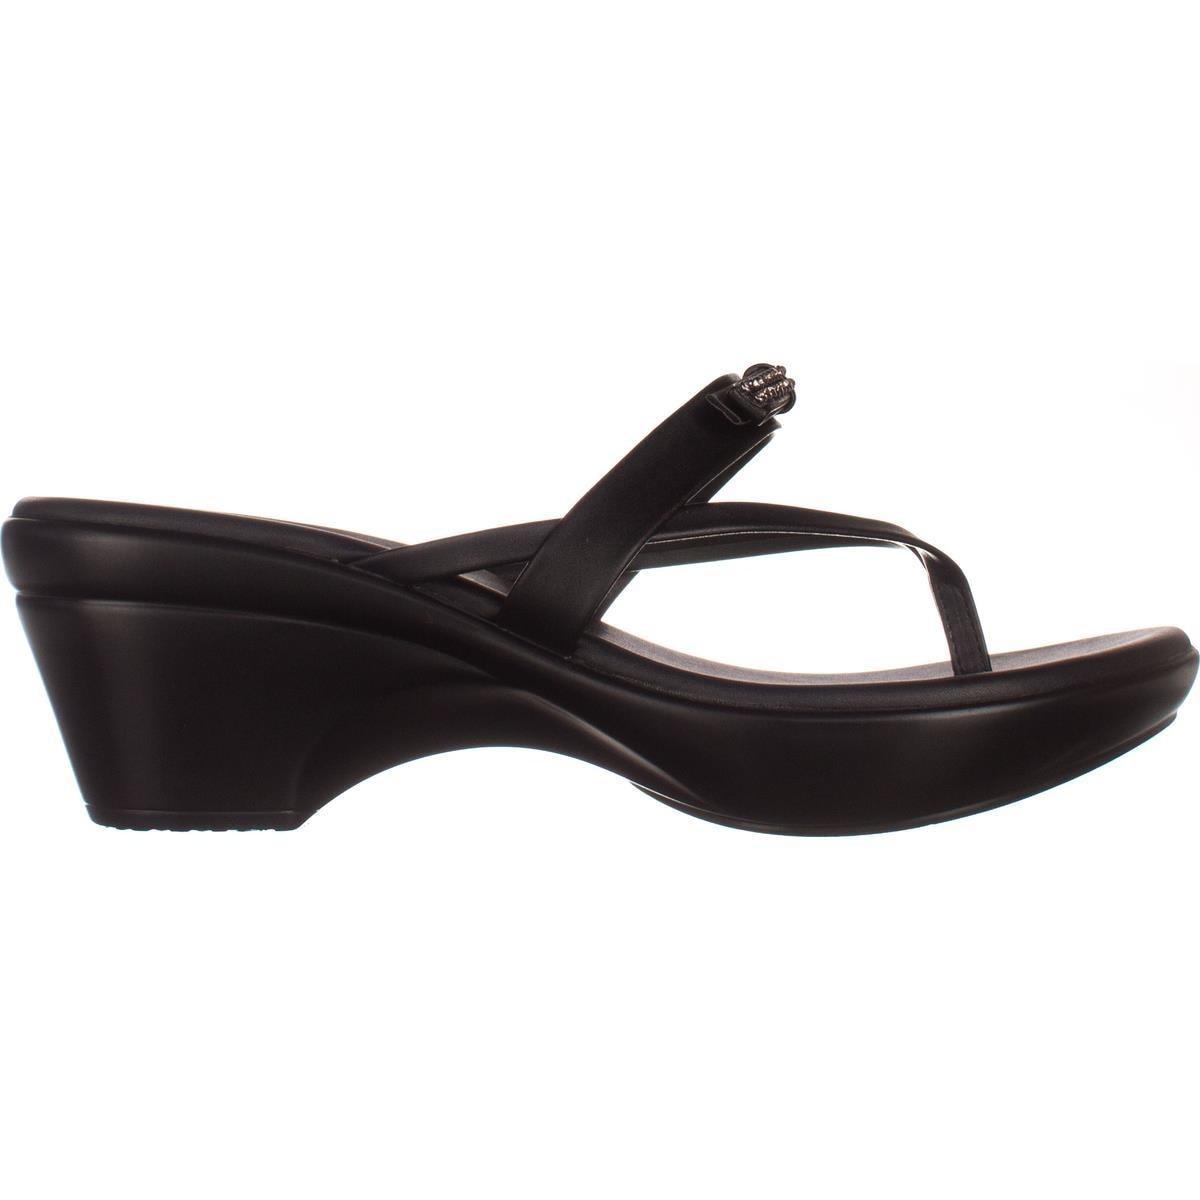 b395df56e Shop Athena Alexander Lassye Wedge Thong Dress Sandals